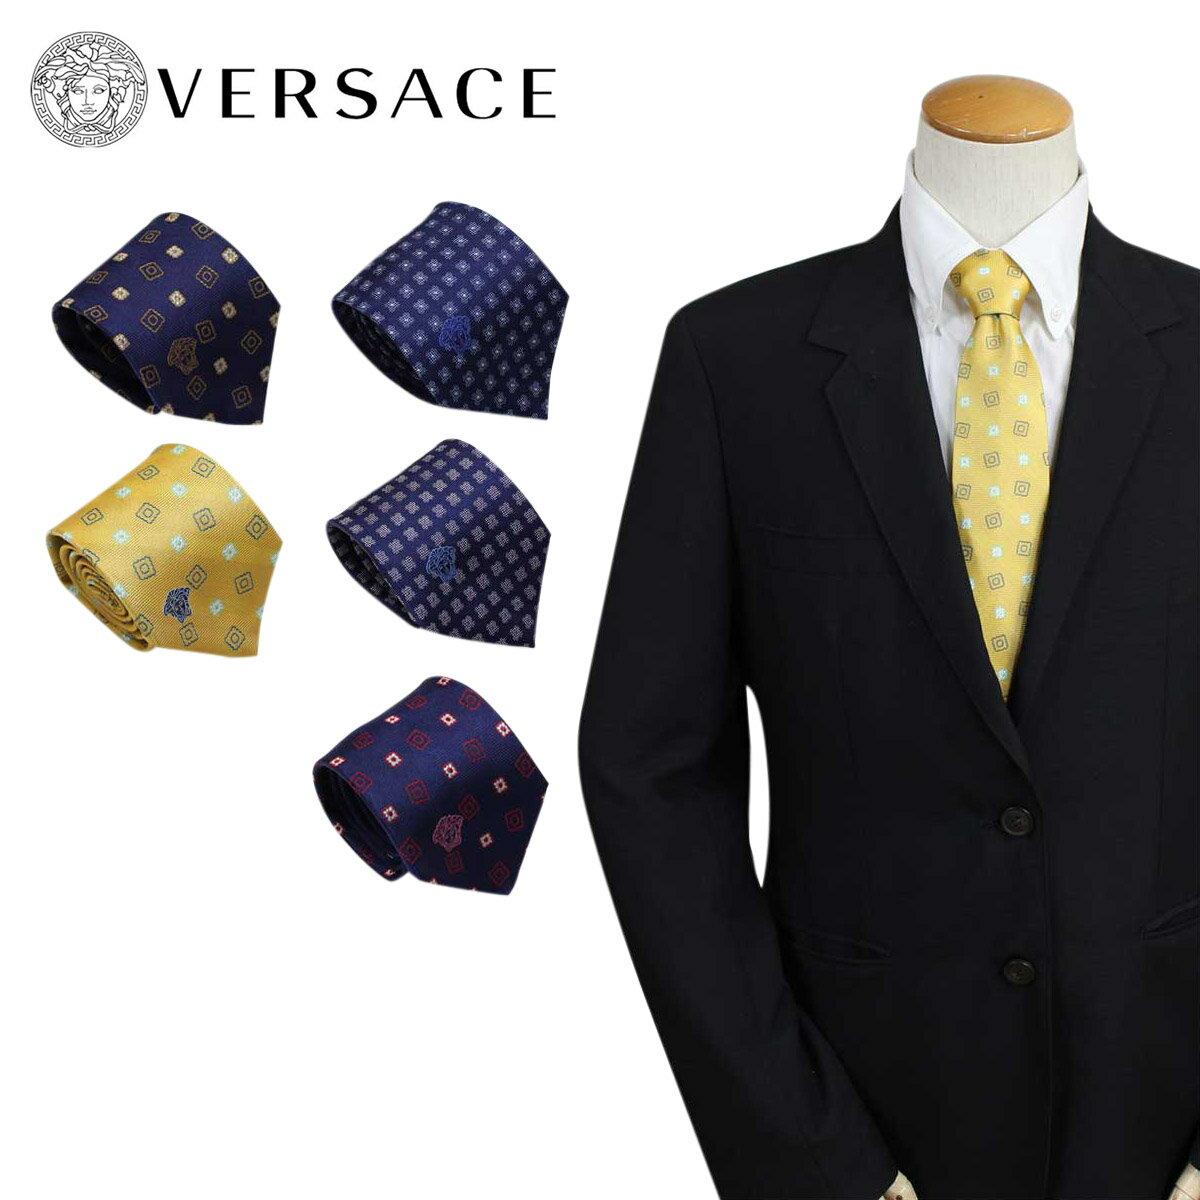 ベルサーチ ネクタイ シルク ヴェルサーチ VERSACE メンズ ギフト ケース付 イタリア製 ビジネス 結婚式 [3/20 再入荷]